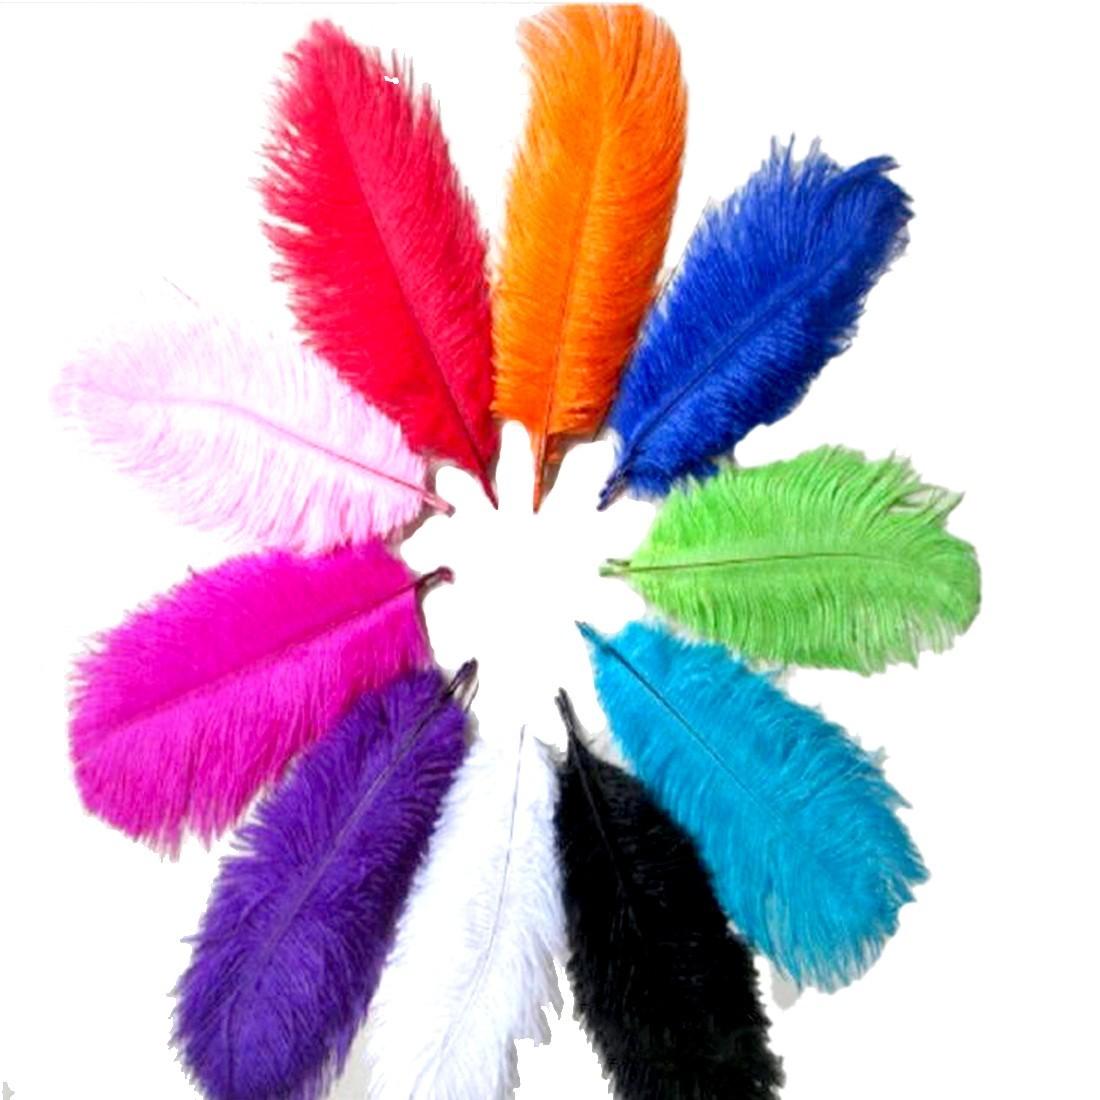 colorful unids plumaje de plumas de avestruz cm decoracin de la boda